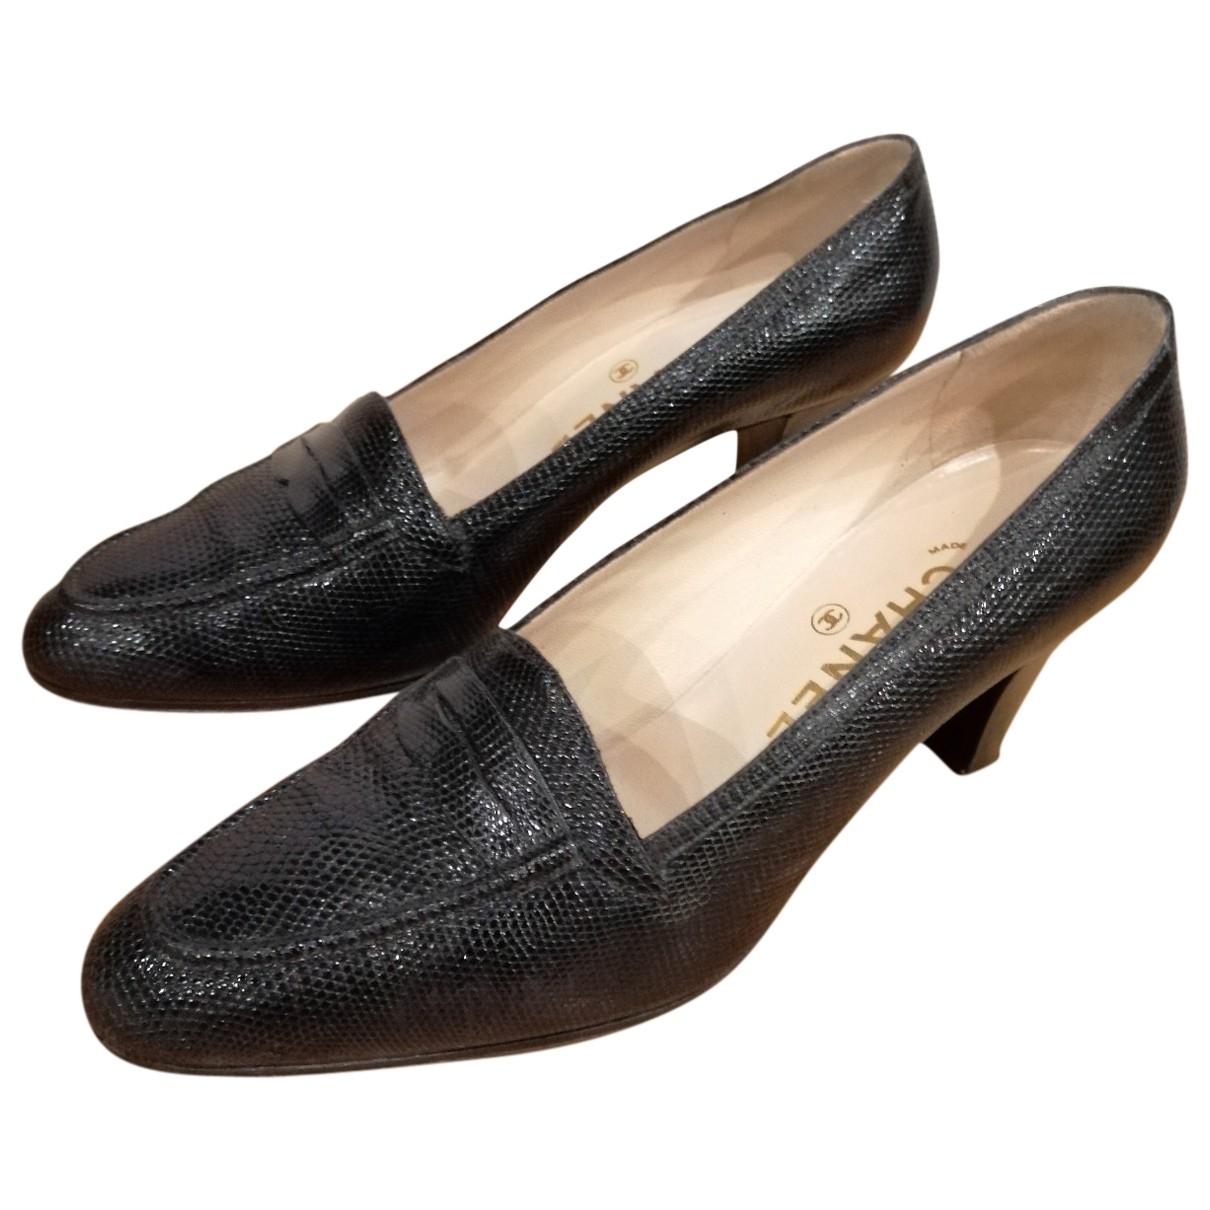 Chanel \N Black Lizard Flats for Women 37.5 EU